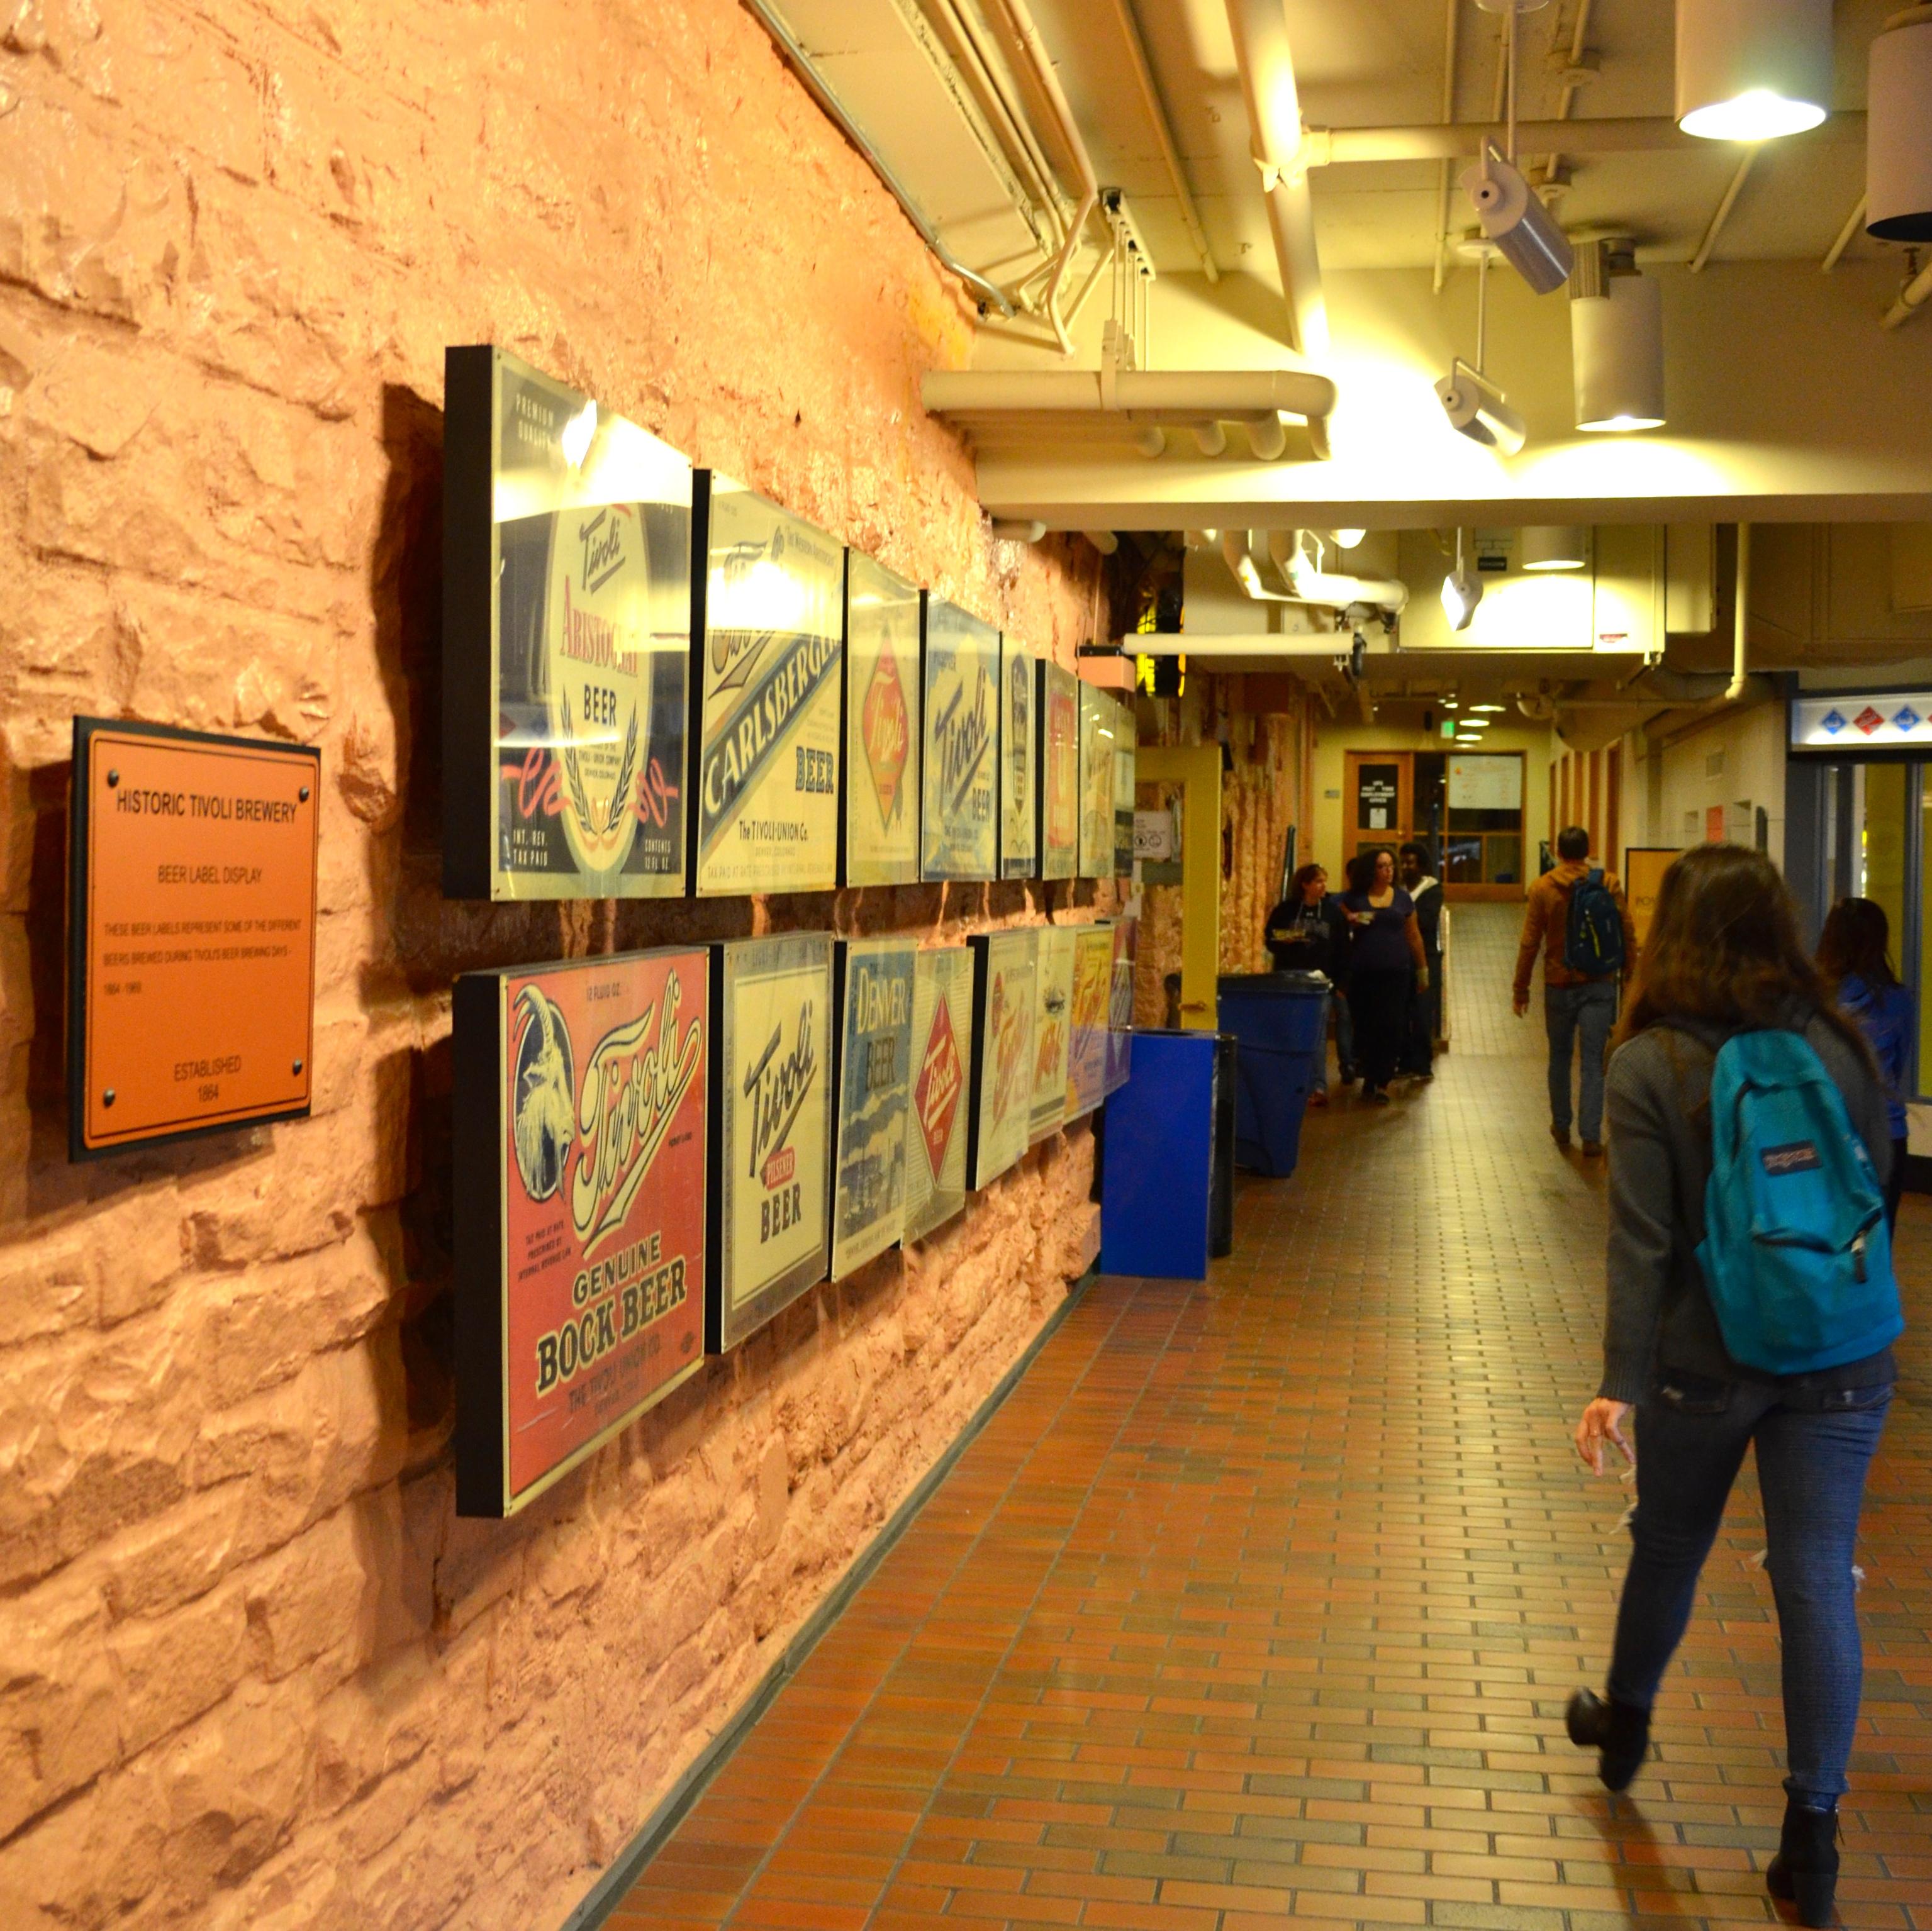 Denver Azur Lane: A VISIT TO THE MILE HIGH CITY OF DENVER